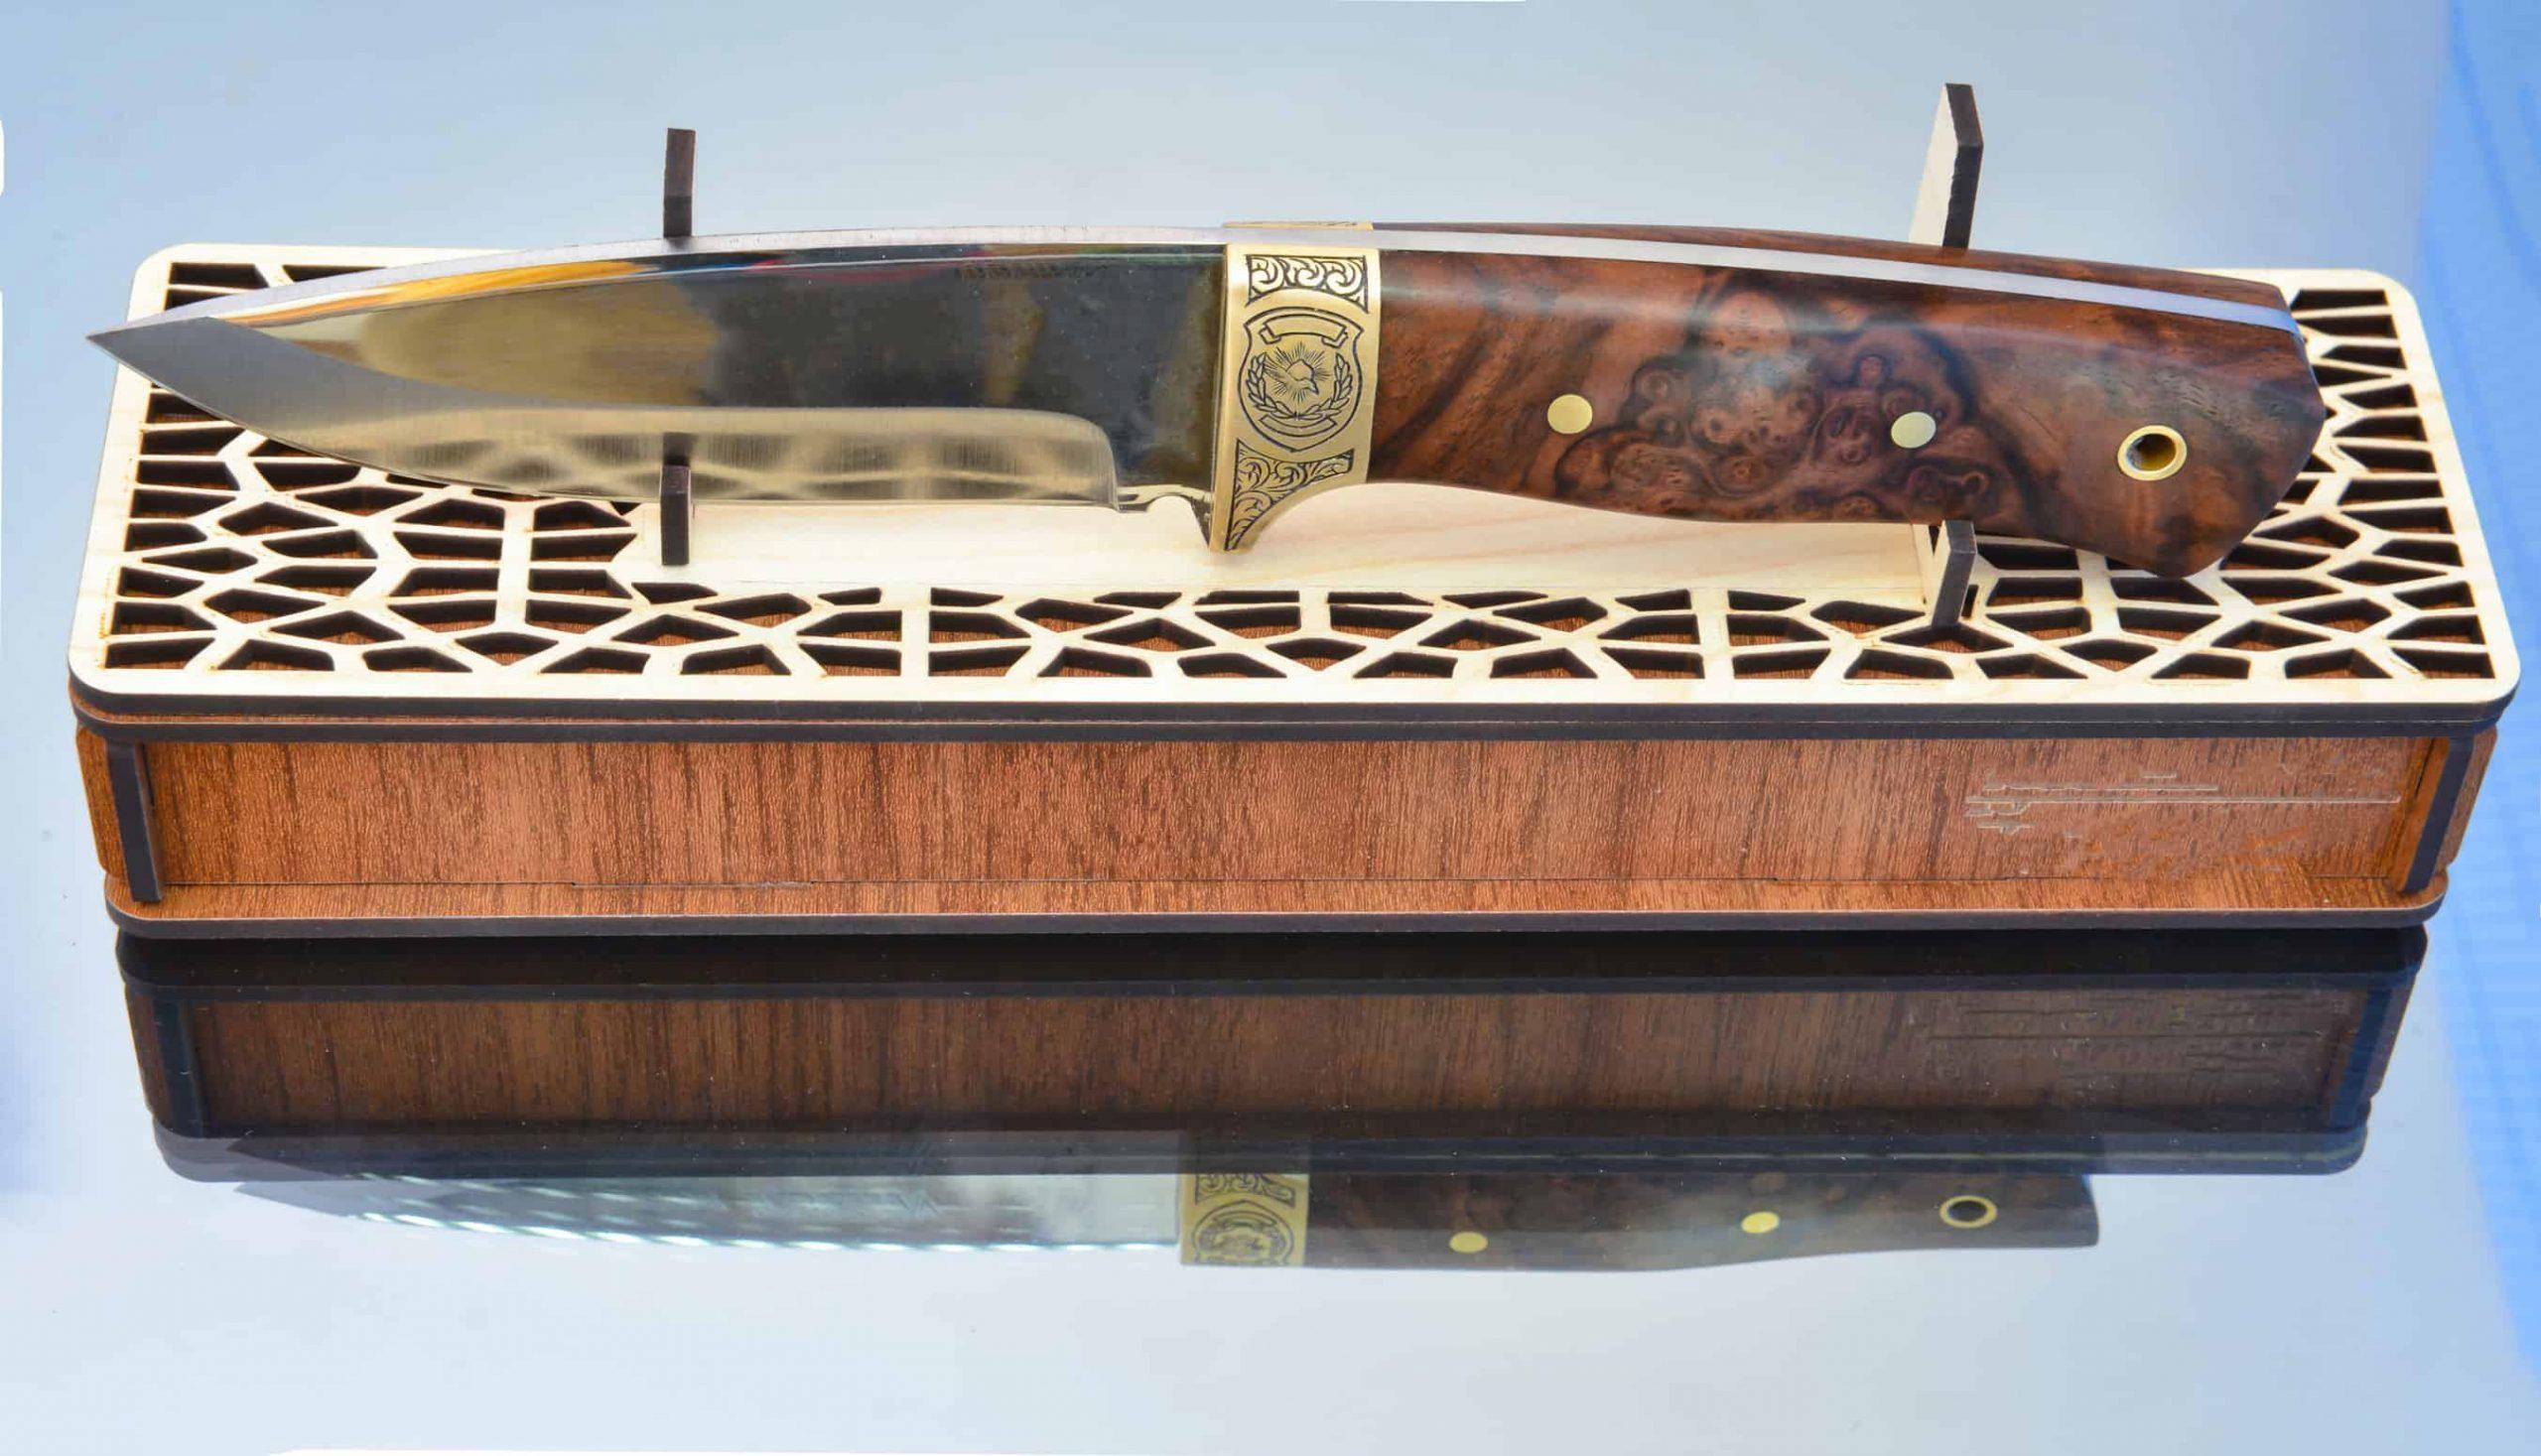 Imagem de faca de caça.